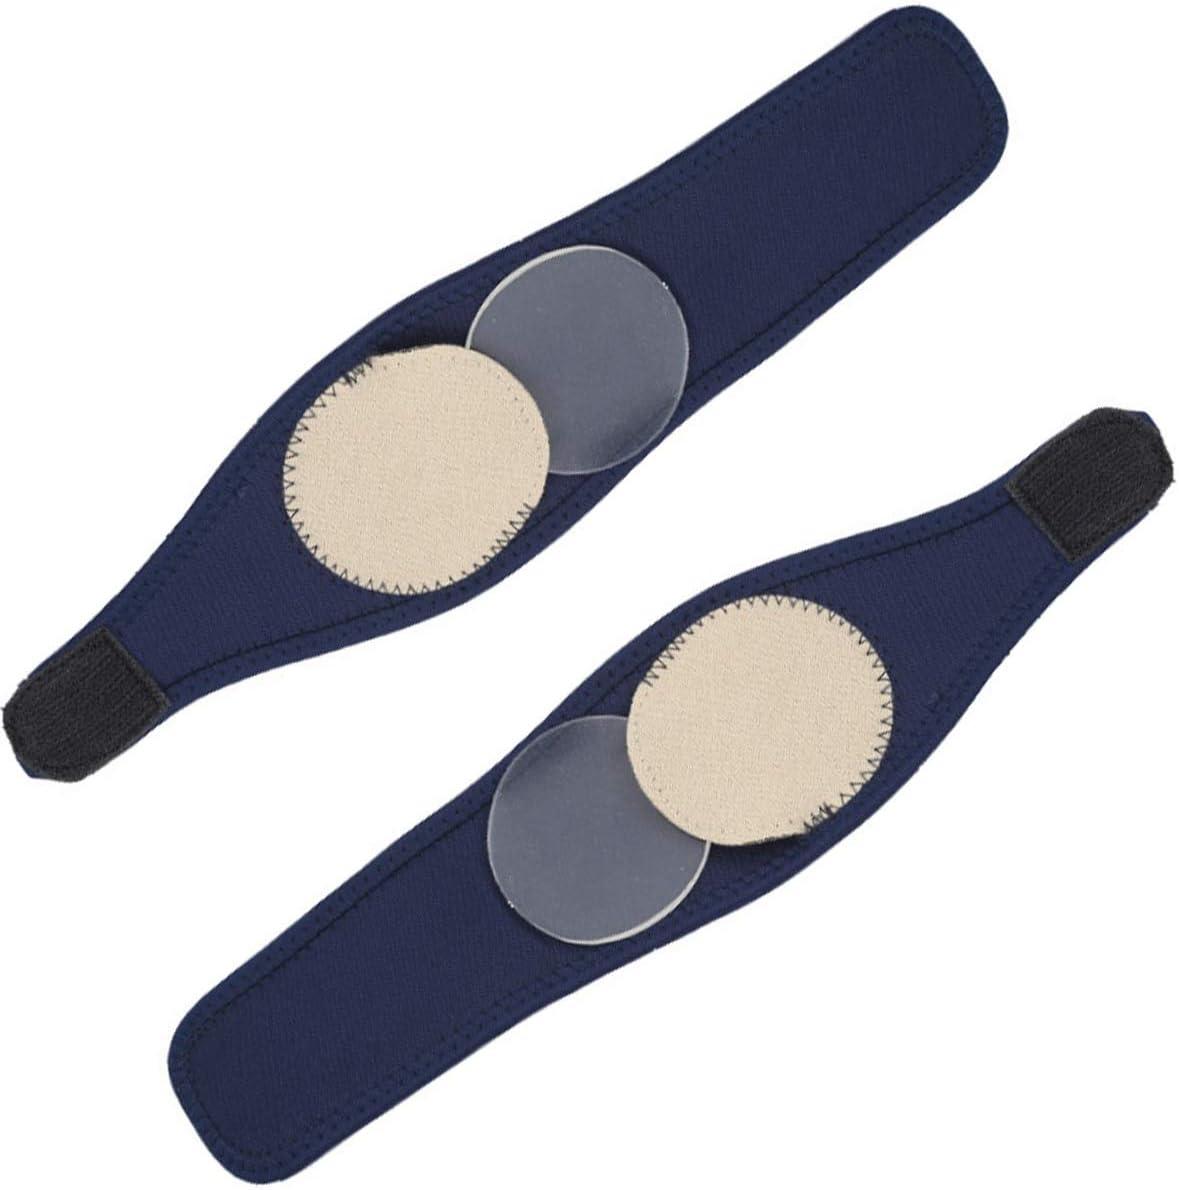 HaiQianXin 1 par Transpirable Arco elástico ortesis Vendaje Plantillas ortopédicas Almohadillas para los pies para el talón Alivio para el Dolor del pie Fascitis Plantar (Color : Silicone Pad)